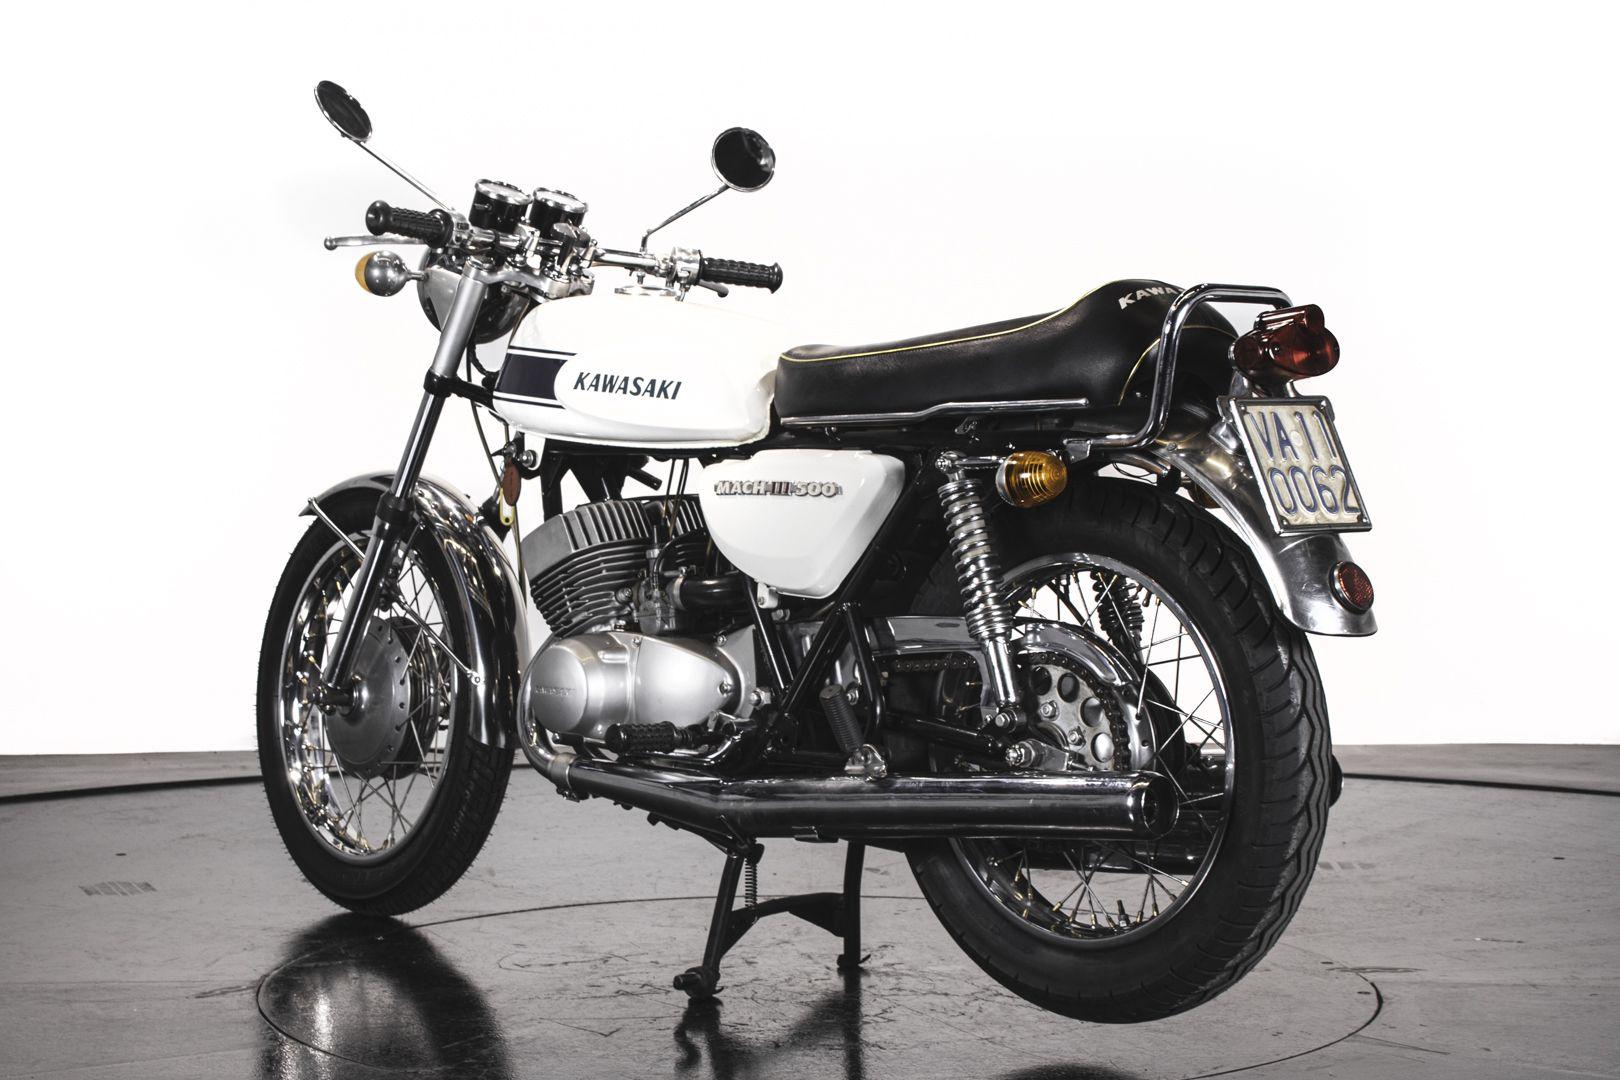 1970 Kawasaki Mach III H1 500 62073